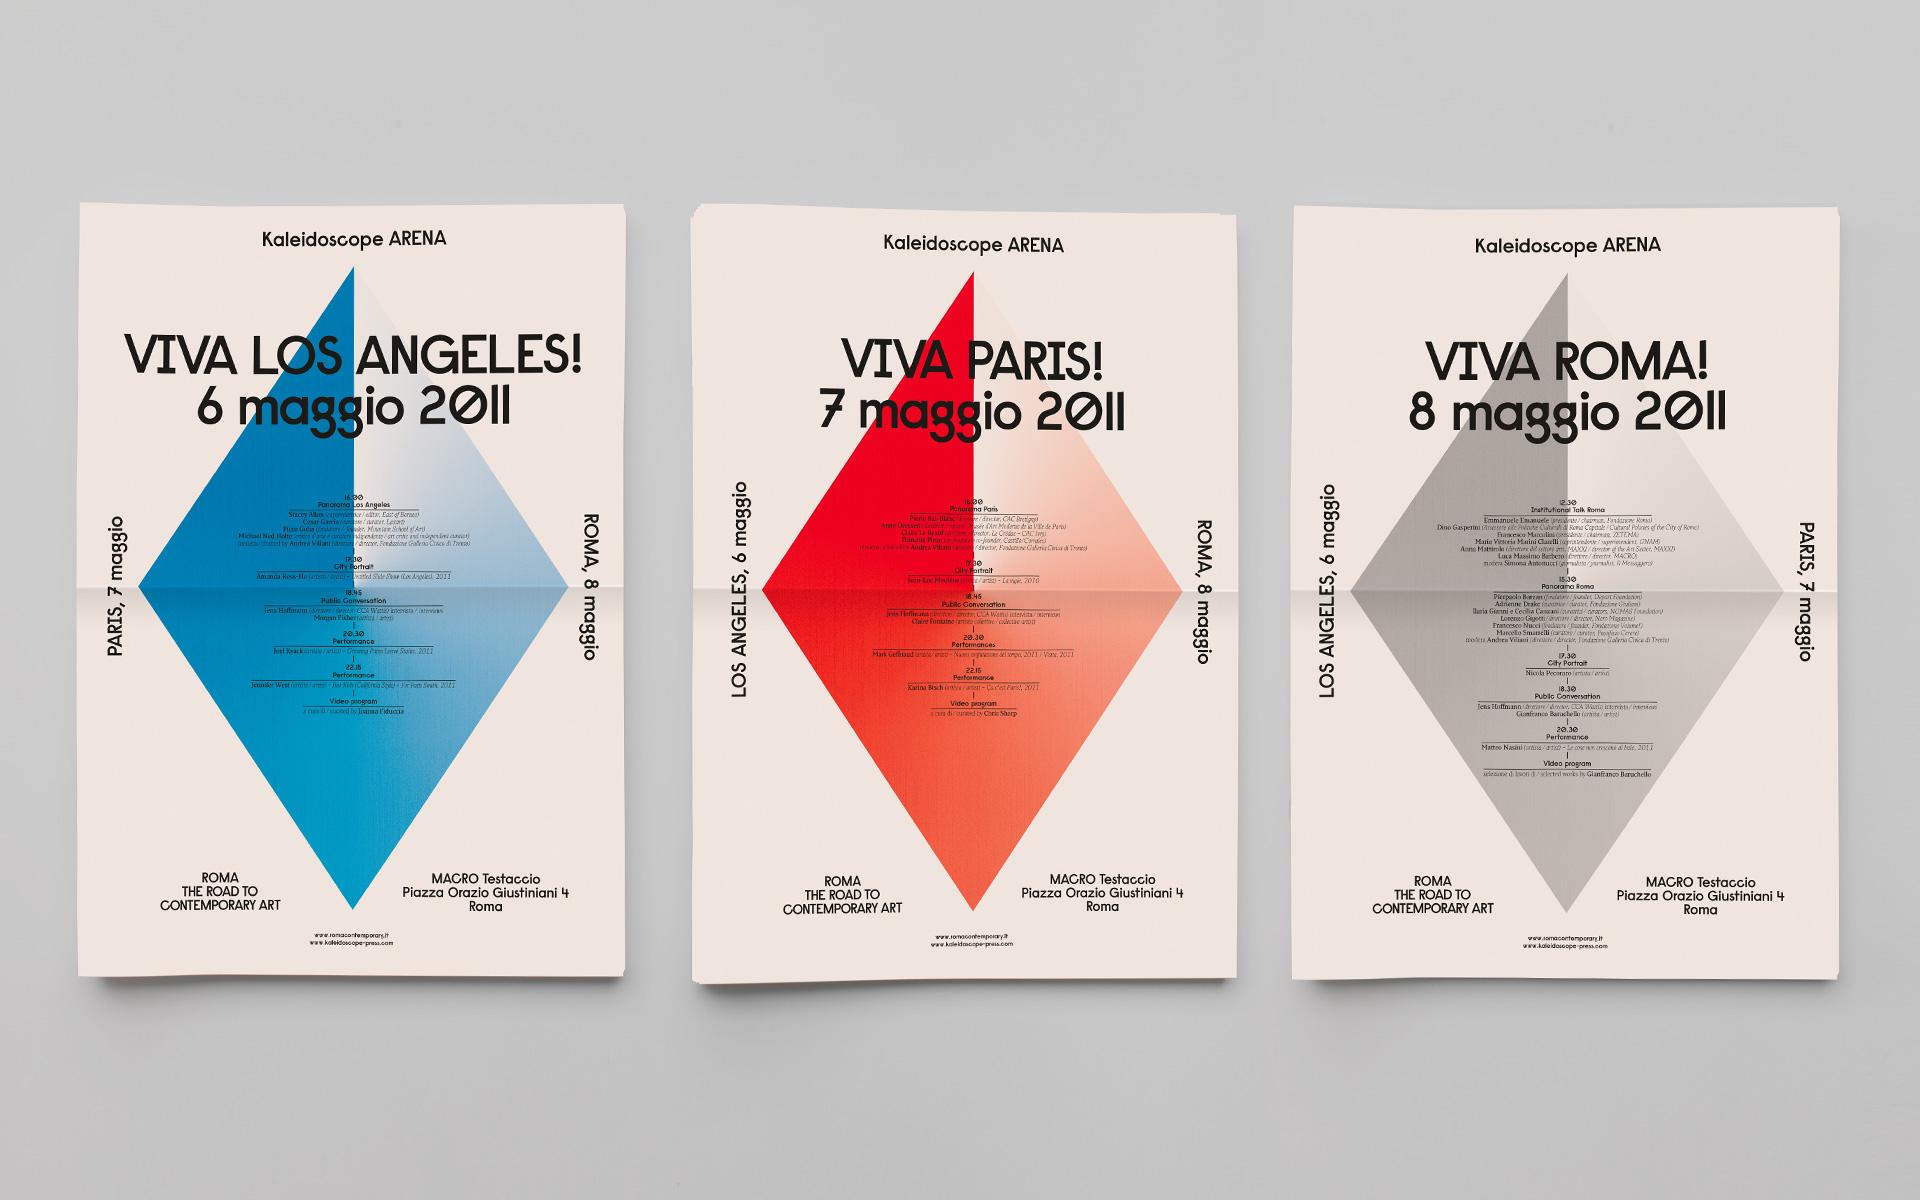 kaleidoscope_journals